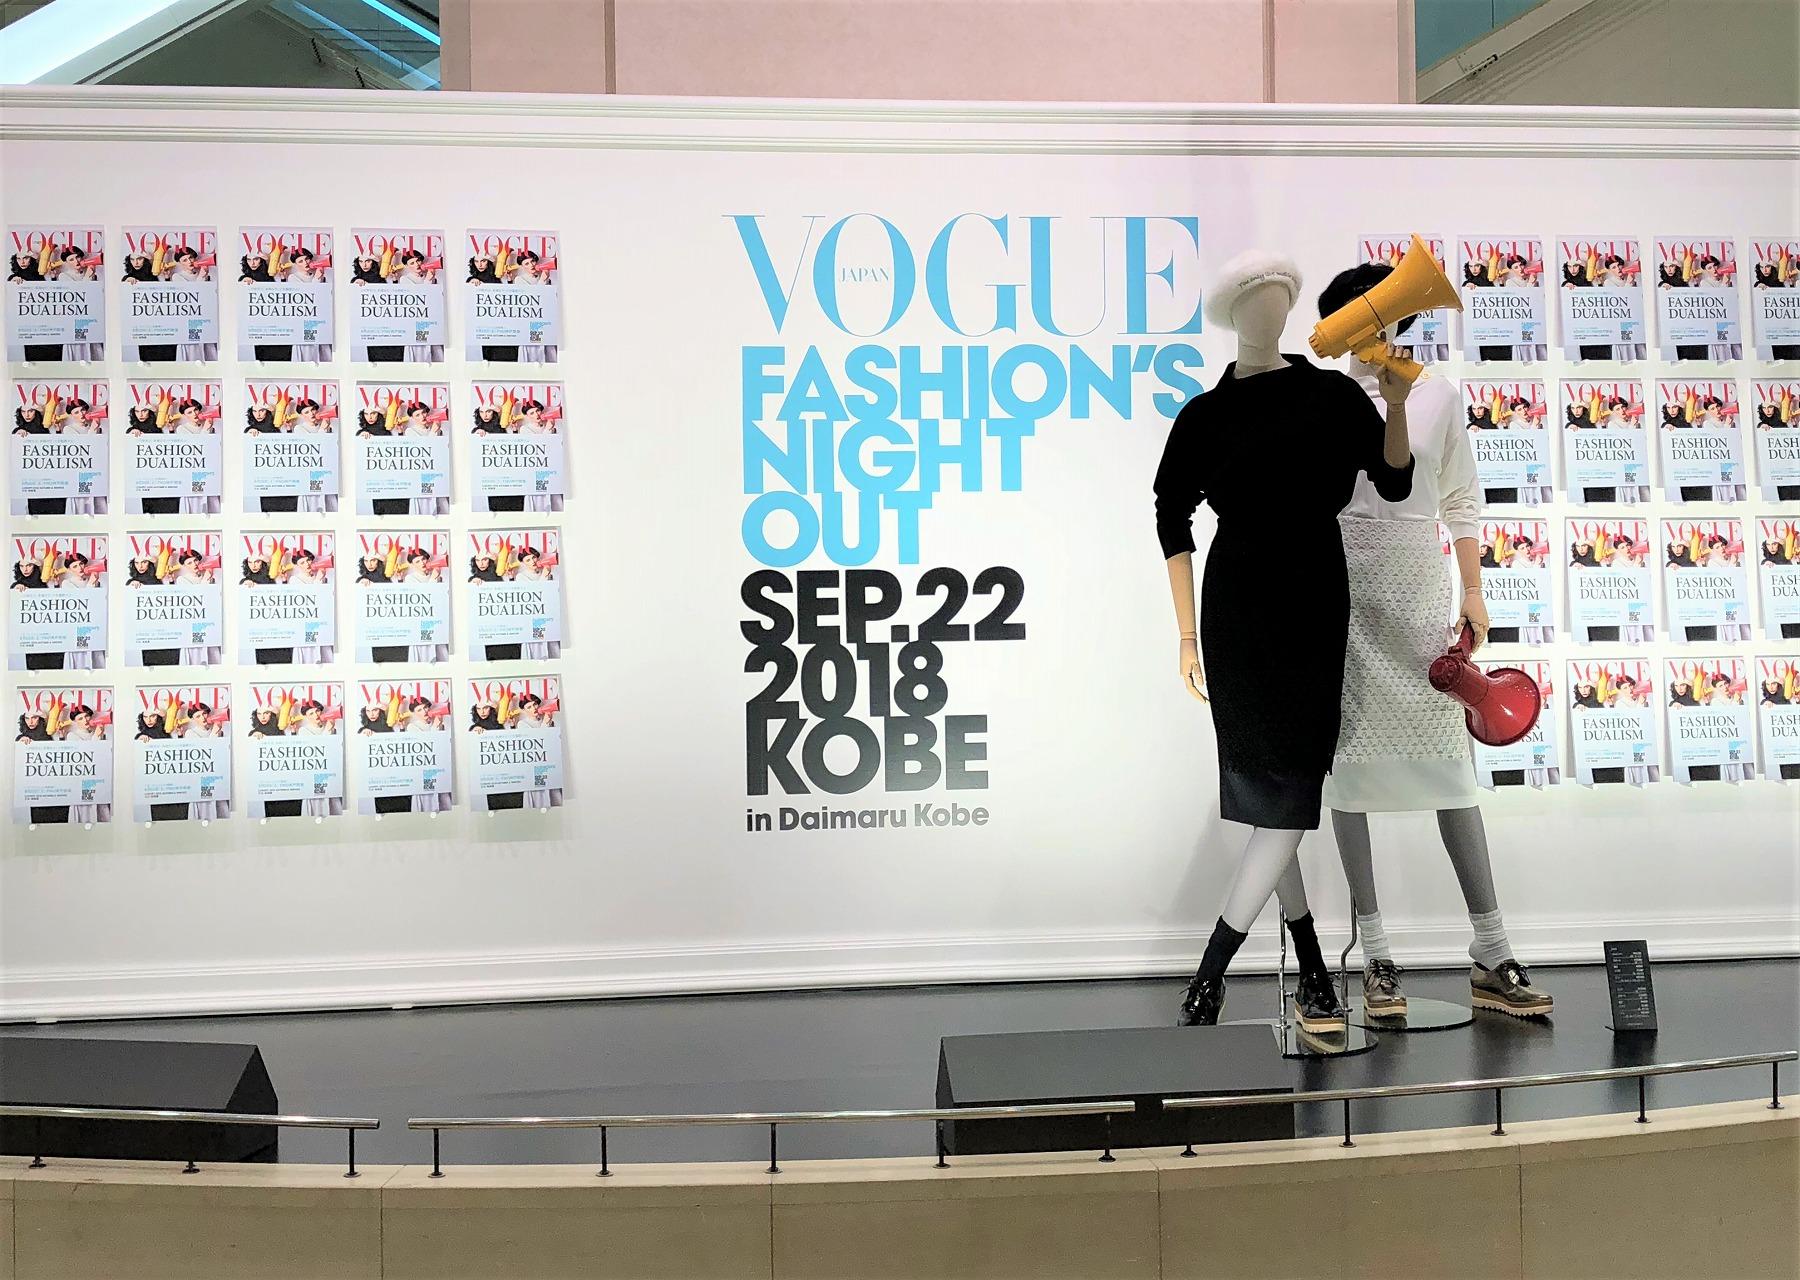 大丸神戸店・旧居留地で「VOGUE FASHION'S NIGHT OUT 2018」が9/22(土)に開催されるよ! #ヴォーグファッションズ #VOGUE #ファッションショー #神戸大丸店 #旧居留地 #柴咲コウ #吉村崇